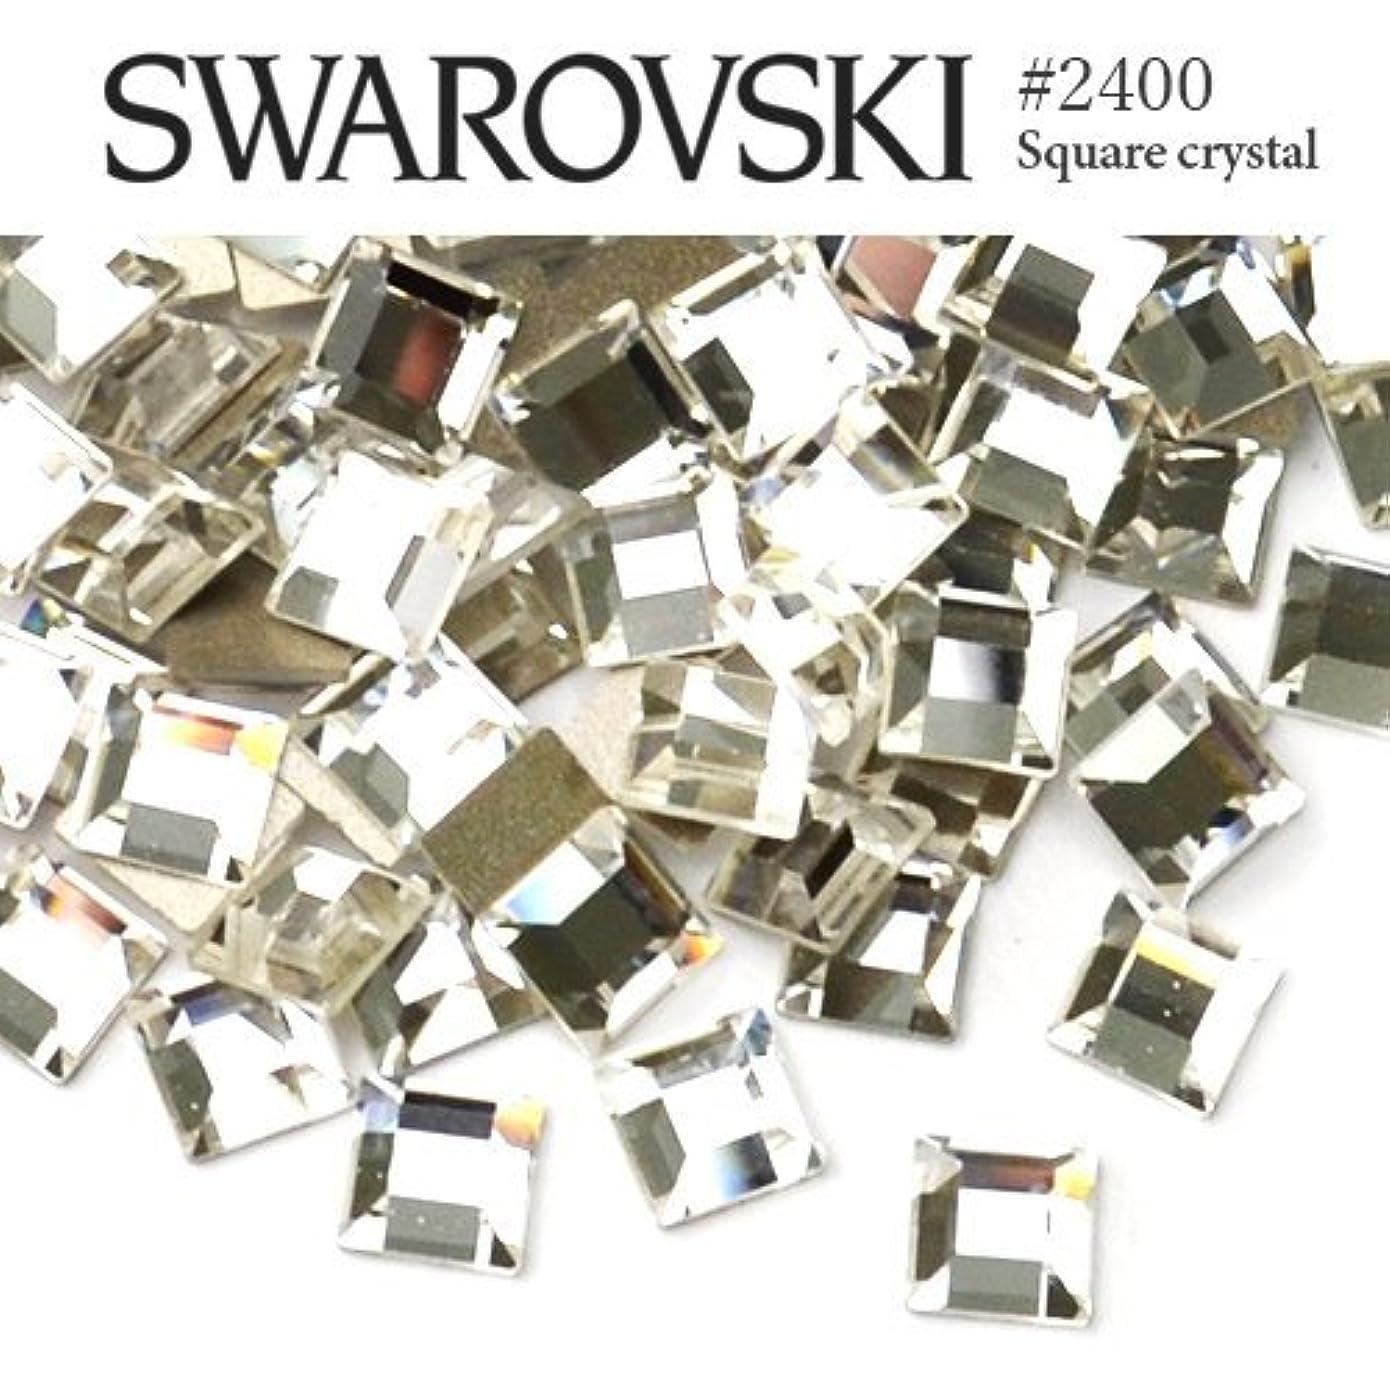 与える前投薬授業料#2400 スクエア (正方形) [クリスタル] 3mm 20粒入り スワロフスキー ラインストーン